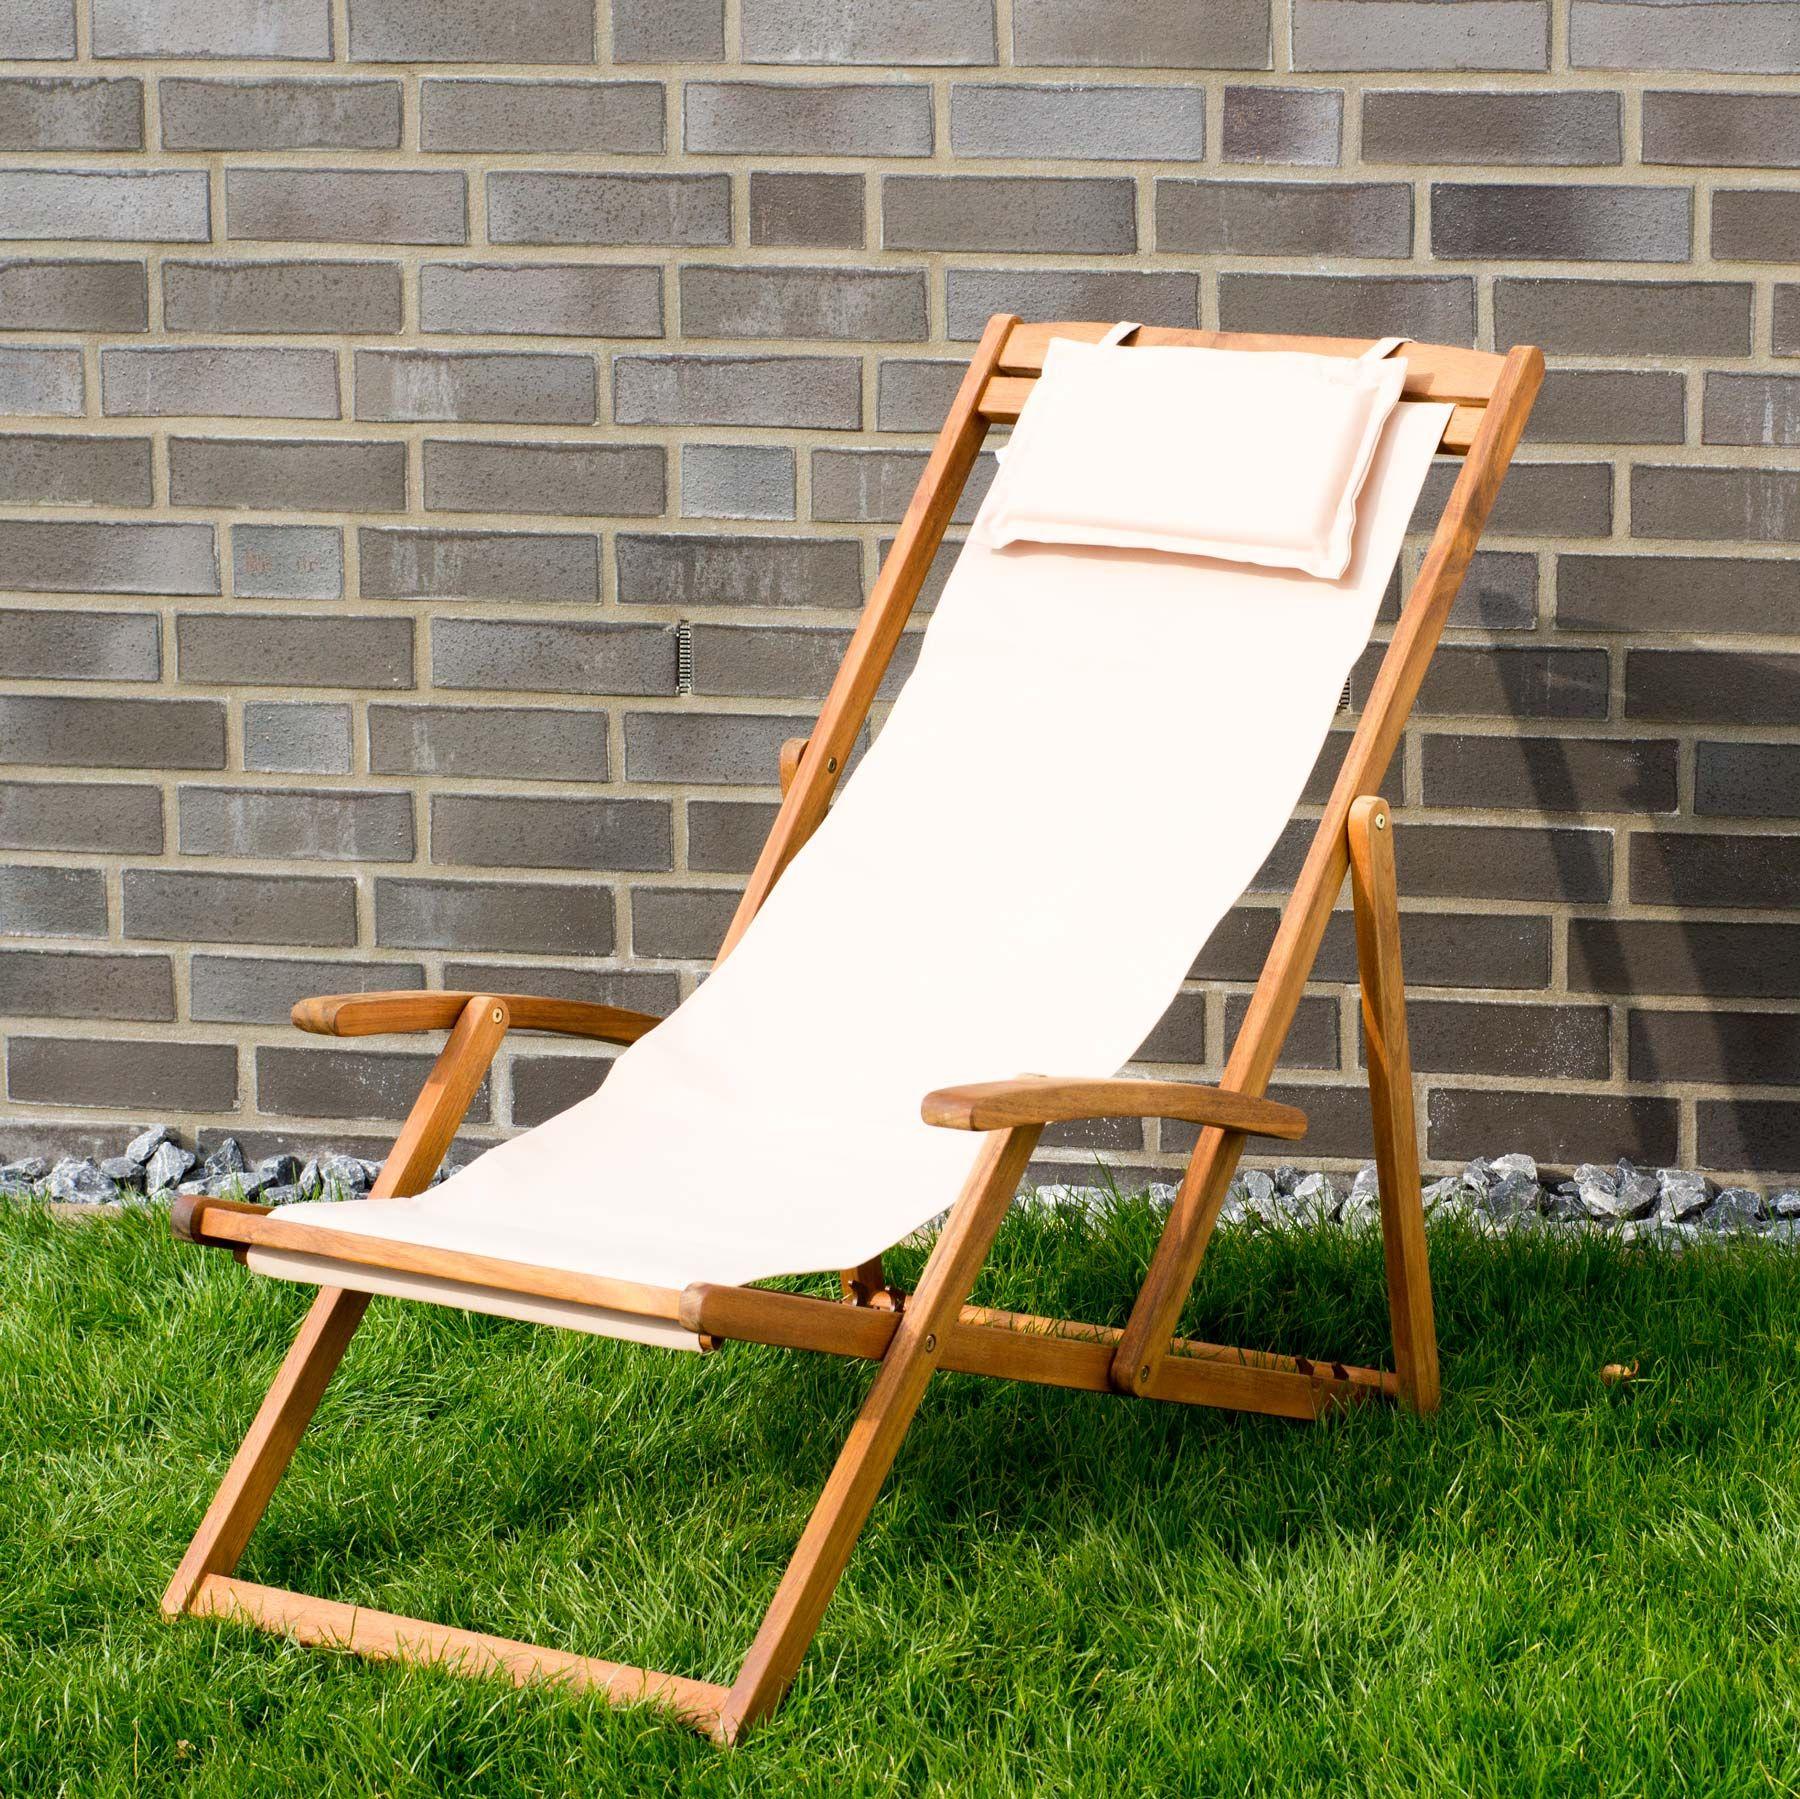 Full Size of Liegestuhl Relaxliege Garten Sonnenliege Strandliege Holz Stoff 4 Massivholz Esstisch Bett Modulküche Schlafzimmer Komplett Sichtschutz Holzplatte Betten Wohnzimmer Liegestuhl Holz